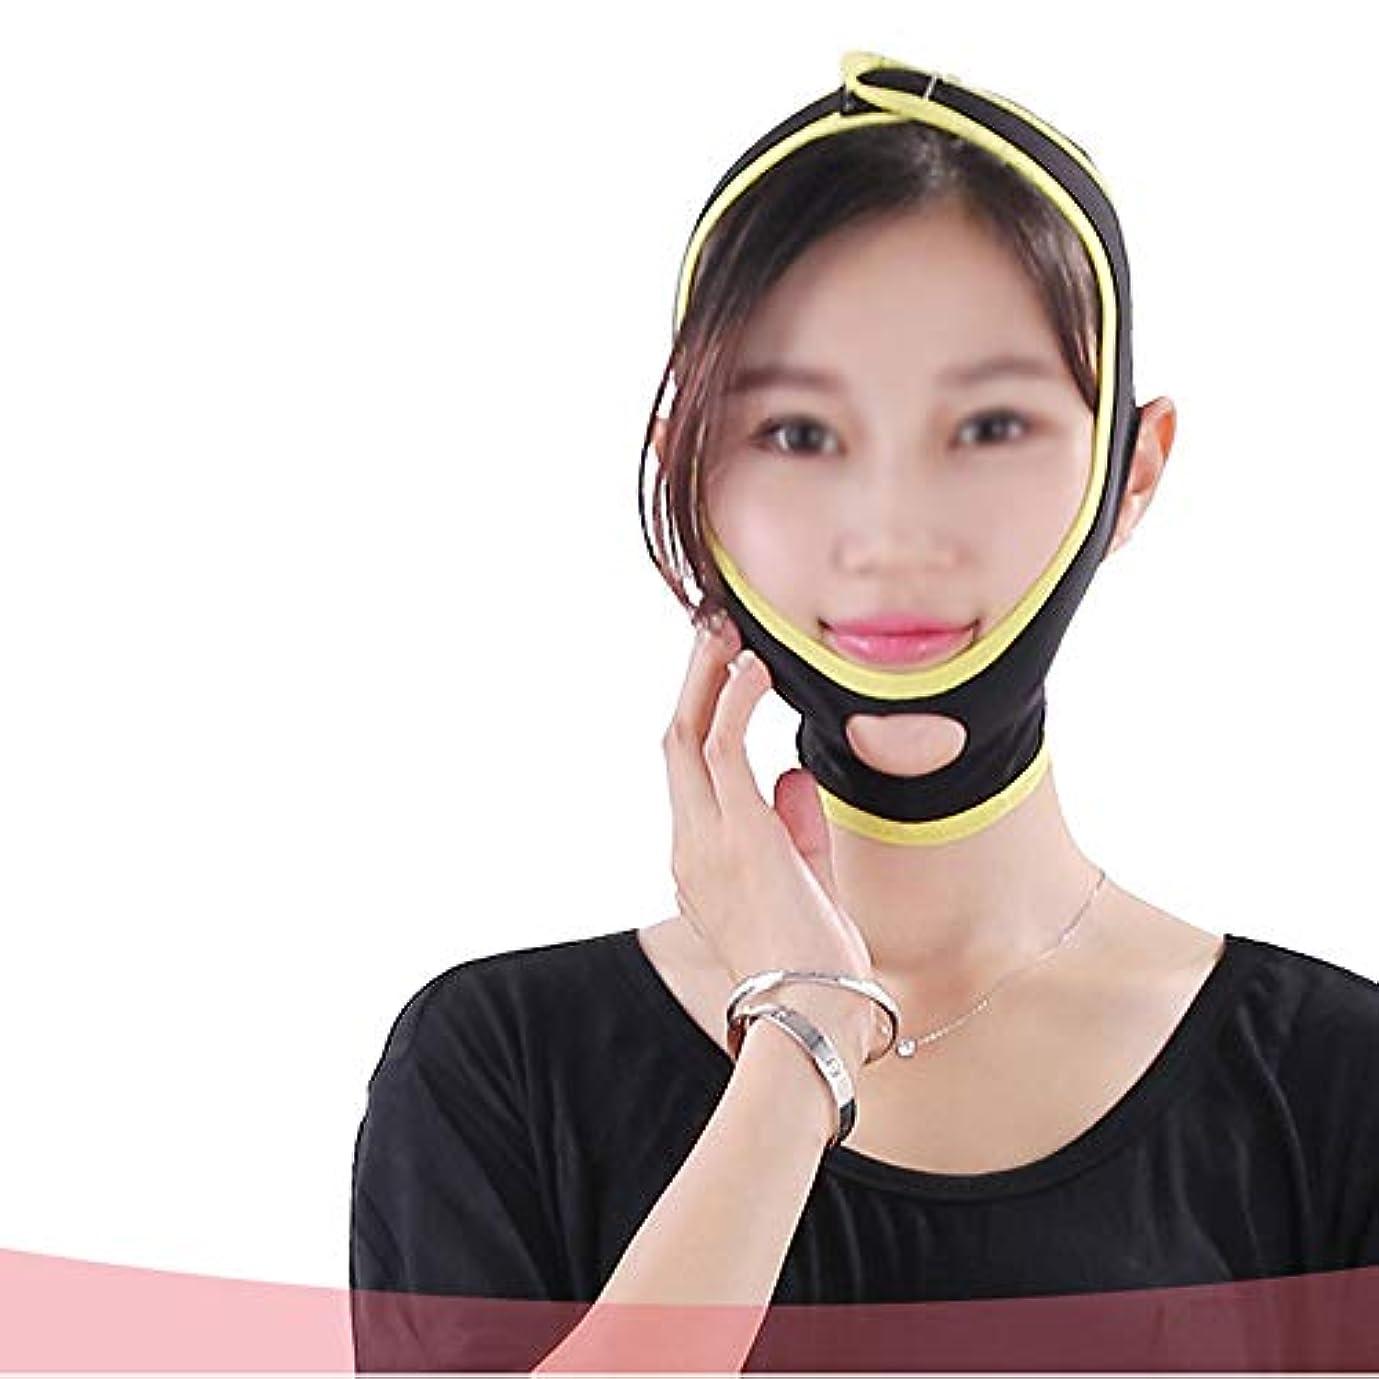 調整可能ベットドラフトXHLMRMJ 通気性の睡眠のマスク、薄い顔の包帯の小さい表面Vの顔薄い顔の顔 (Color : M)